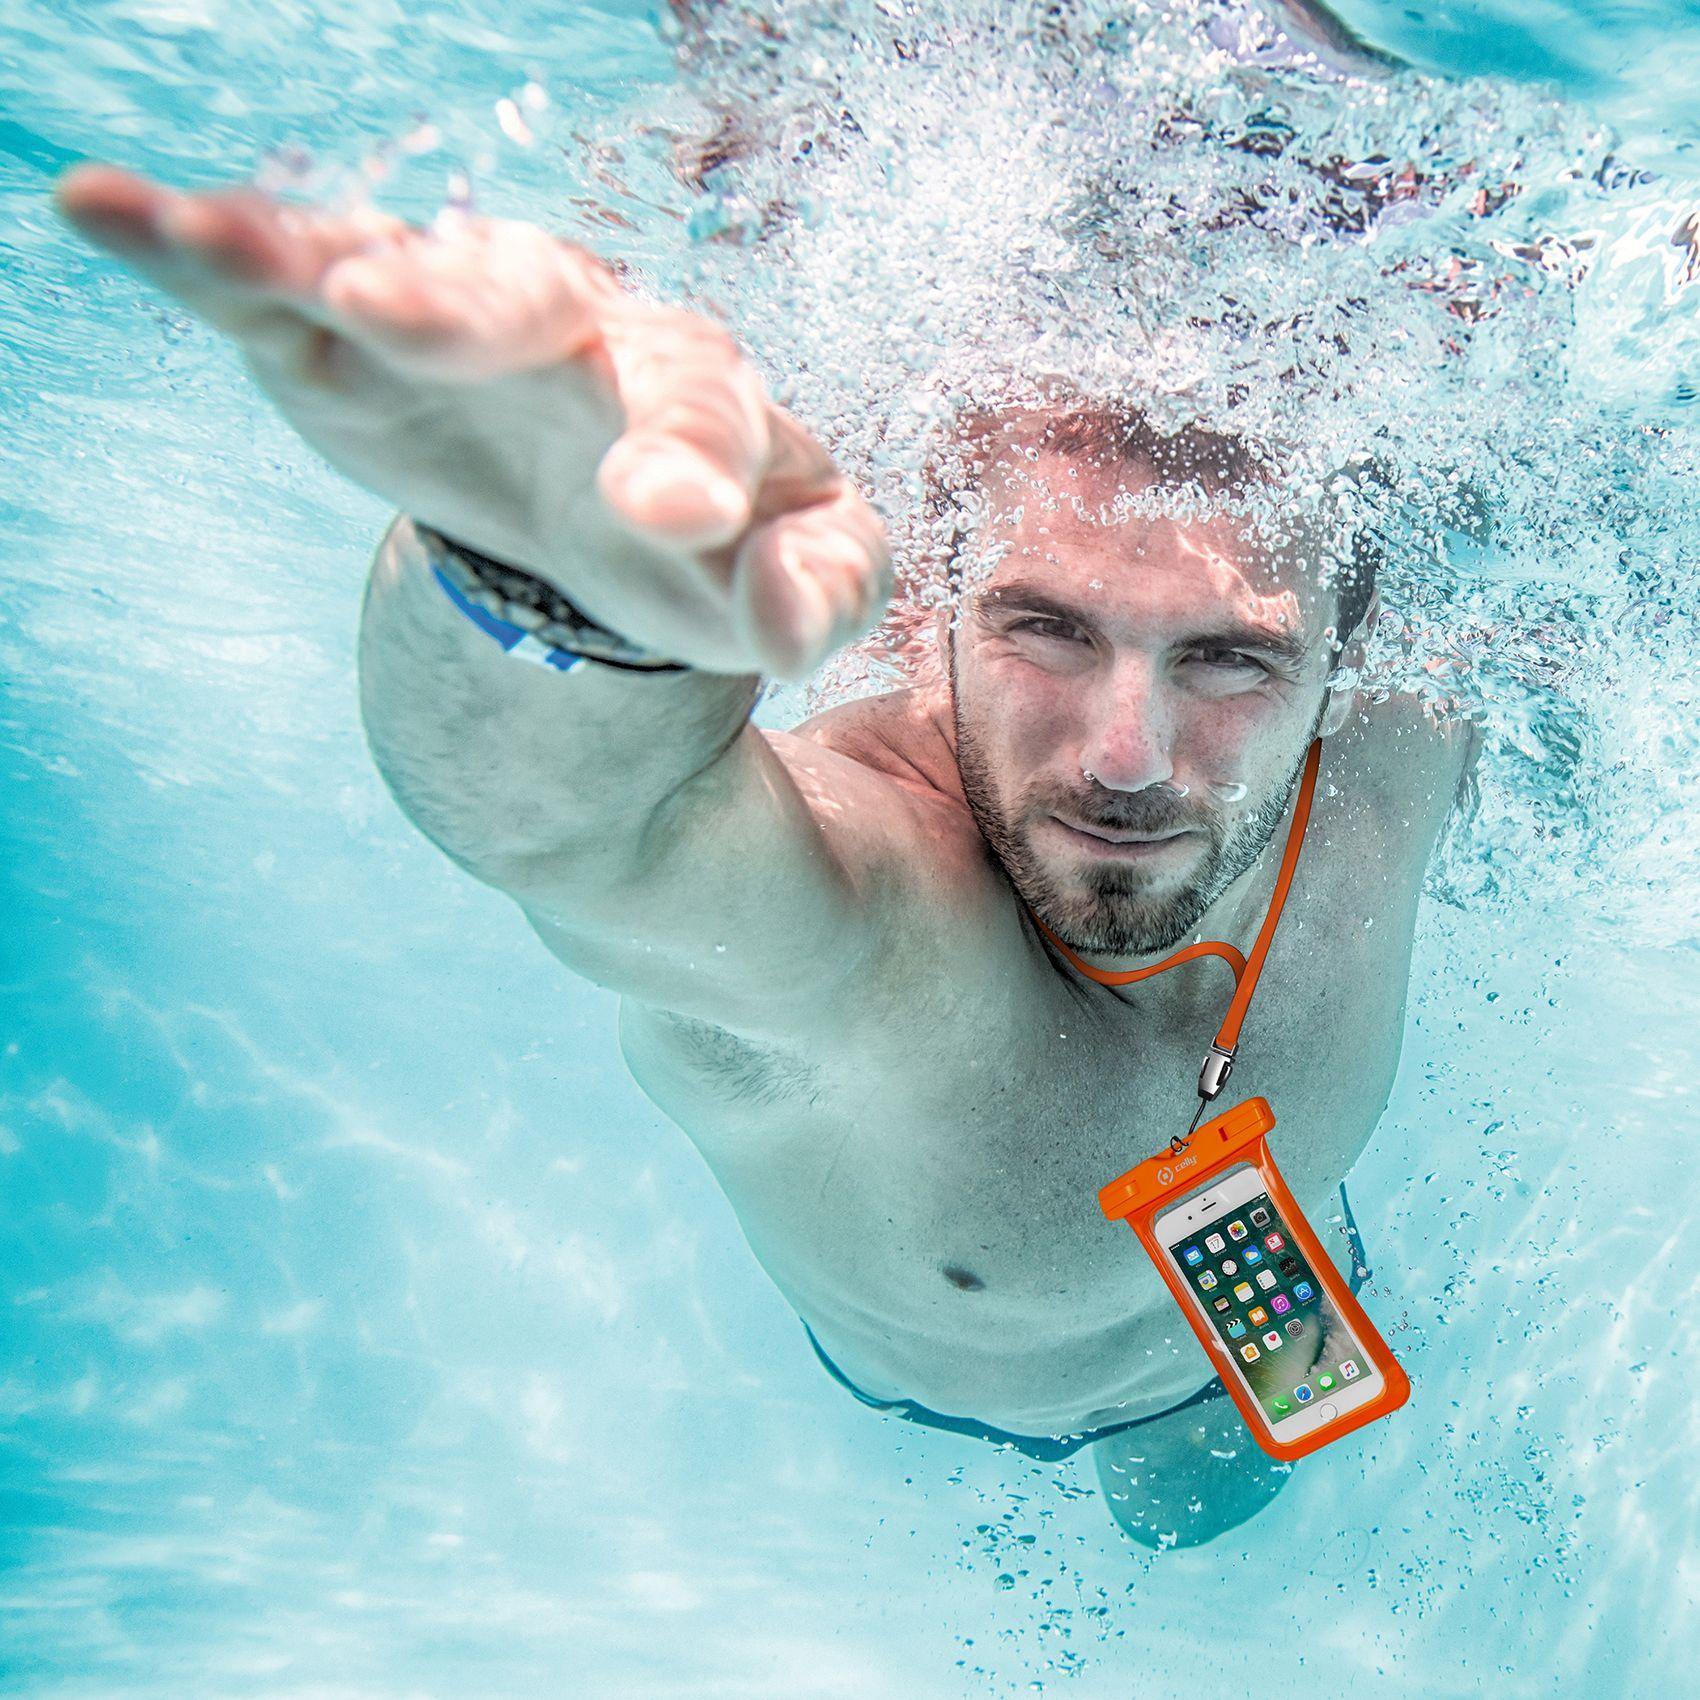 """Univerzální voděodolné pouzdro CELLY Splash Bag pro telefony 6,2"""", oranžové"""